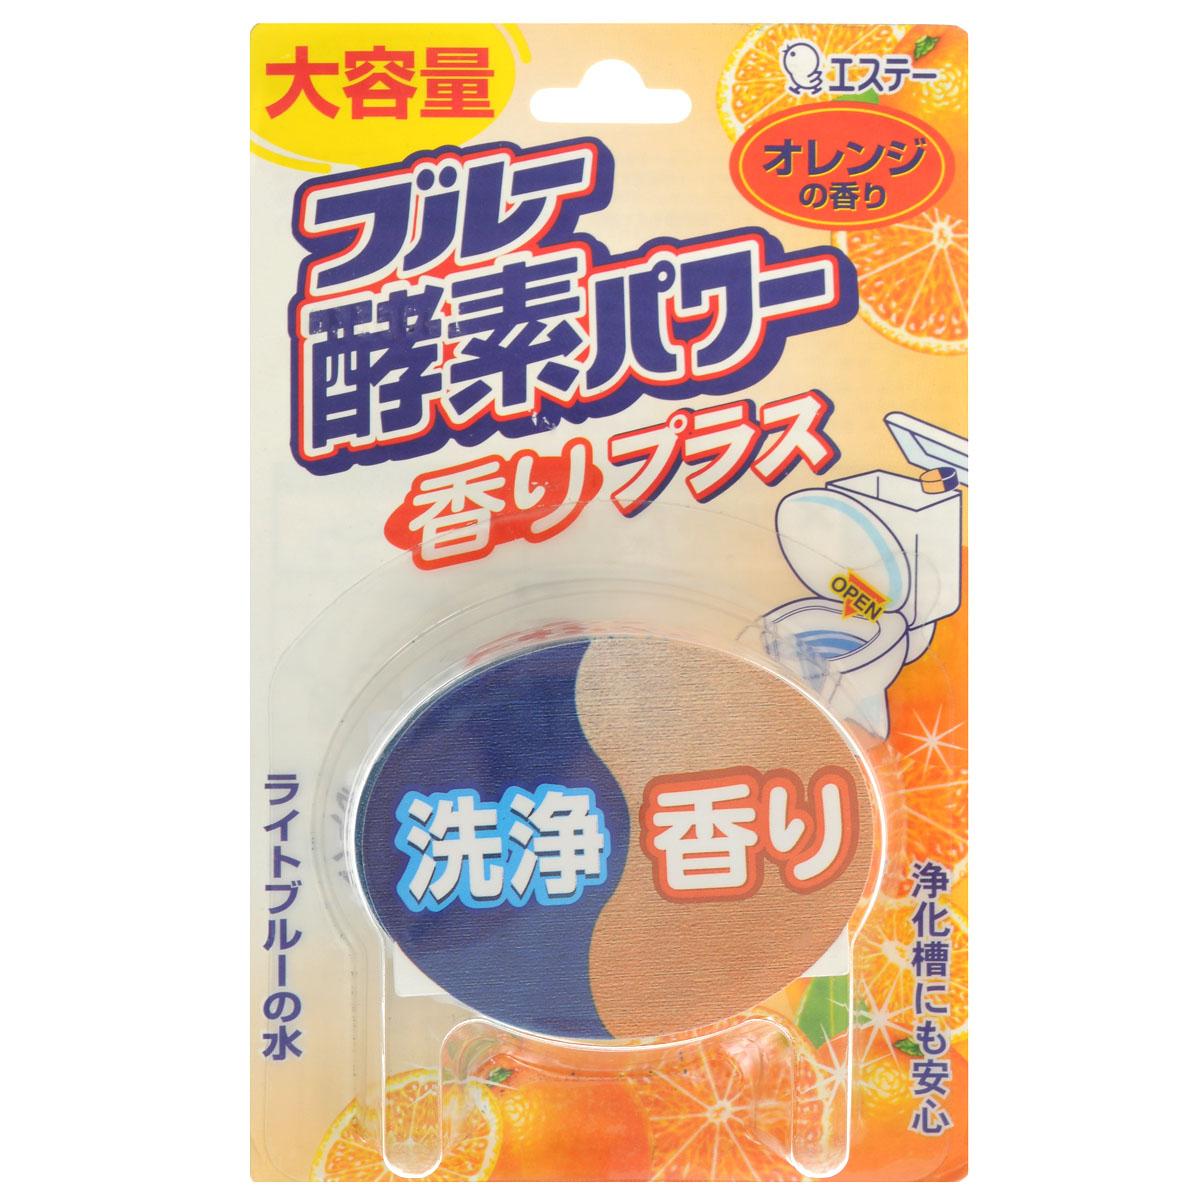 Таблетка очищающая ST Blue Enzyme Power для бачка унитаза, с ароматом апельсина, 120 г391602Ароматизирующая таблетка ST Blue Enzyme Power с ферментам, предназначена для очищения и дезинфекции унитаза. Таблетка для унитаза содержит энзимы, расщепляющие стойкие загрязнения. Таблетка создает ощущение чистоты и свежести, распространяя аромат апельсина и окрашивая воду в голубой цвет. Достаточно положить таблетку в сливной бачок и вода голубого цвета вымоет и продезинфицирует внутреннюю часть унитаза. В состав входит хелатный агент, который обволакивает взвесь грязи в воде, а также удаляет ржавчину и препятствует загрязнению внутренней поверхности унитаза. Большой объем продукта гарантирует длительное использование.Не кладите таблетку в центр бачка, чтобы избежать закупоривания. Не хранить в местах, доступных для детей. Хранить при комнатной температуре вдали от отопительных приборов и действия прямых солнечных лучей.Состав: отдушка, анионное поверхностно-активное вещество, краситель, хелатный агент, энзимы, отбеливатель.Товар сертифицирован.